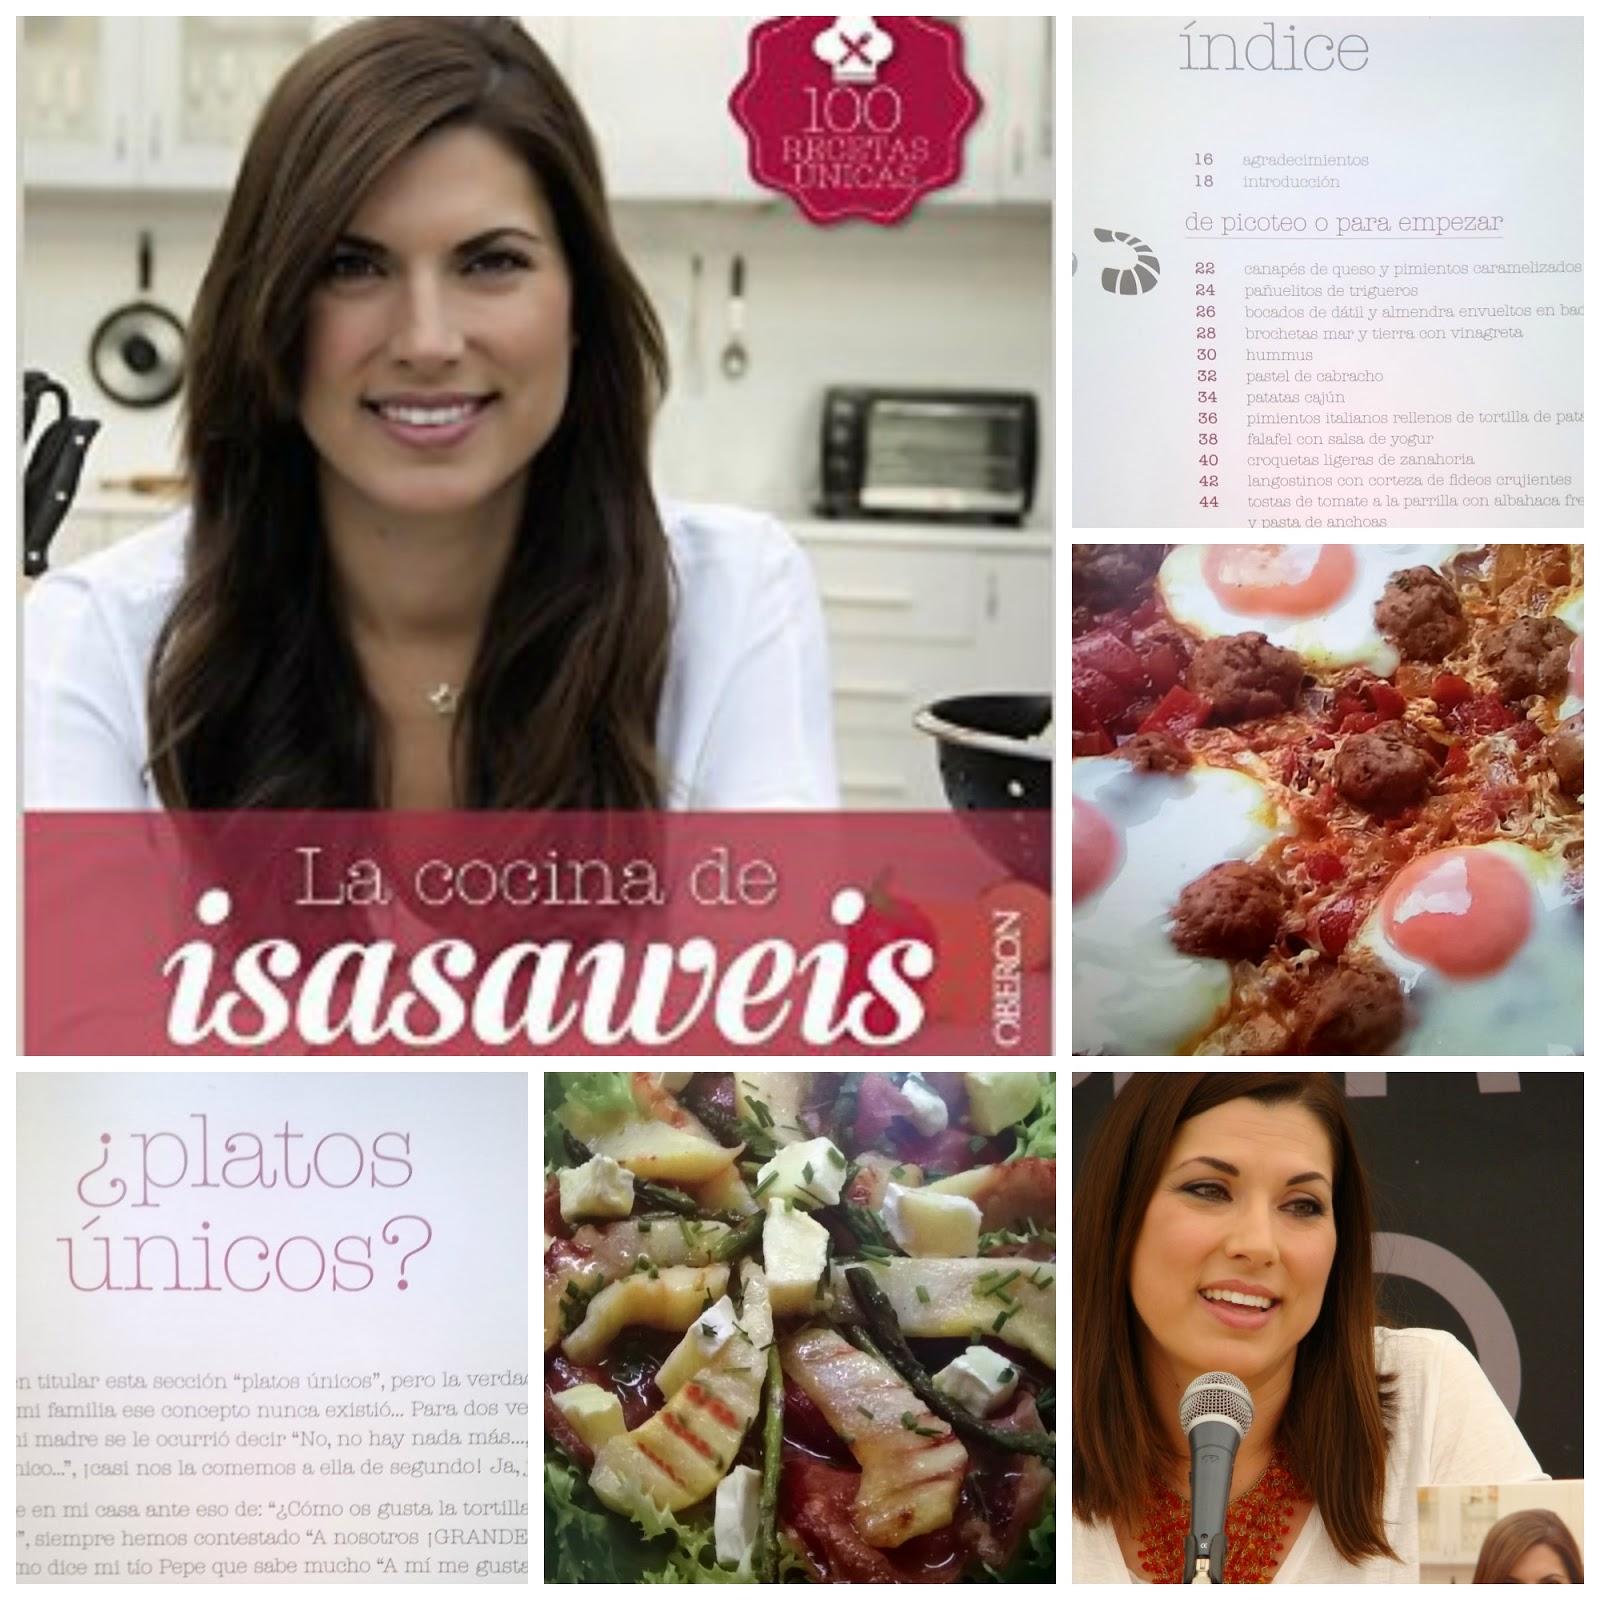 Books co presentaci n la cocina de isasaweis de isabel for Cocina de isasaweis